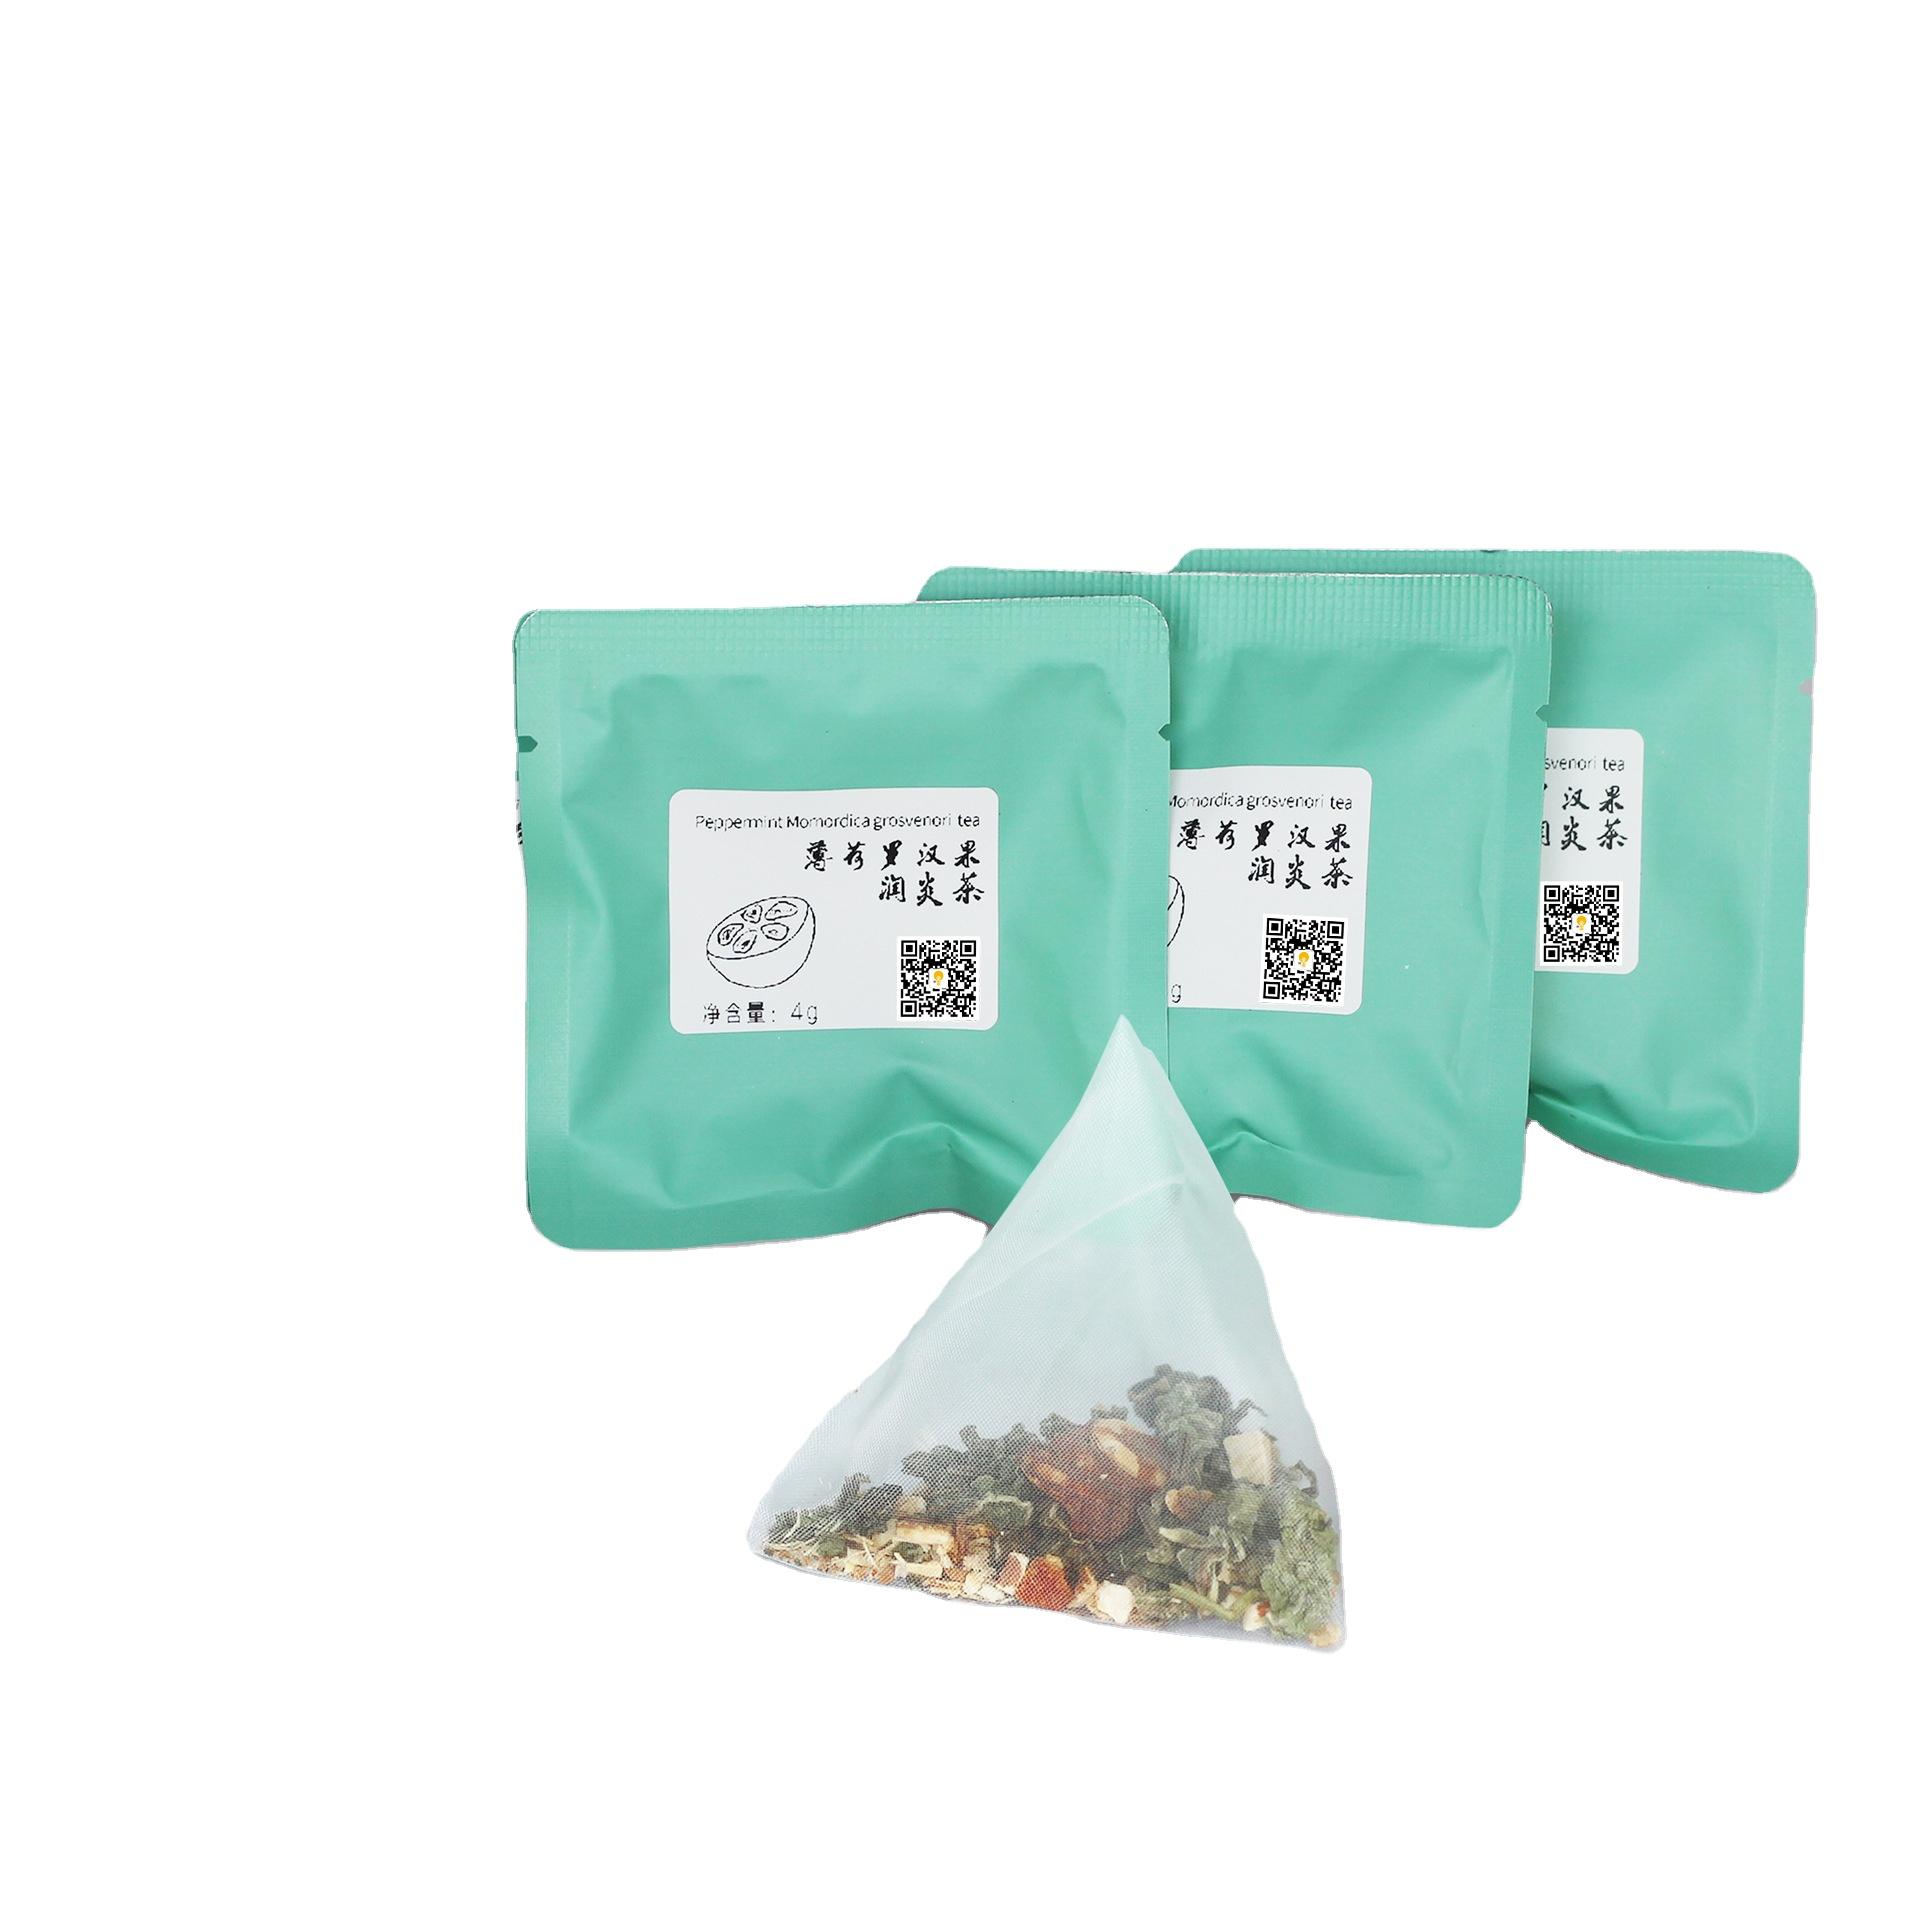 Hot Popular Organic Detox Dried Flower Herbs Tea Momordica Grosvenori Mint Pericarpium Citri Reticulatae to Protect Your Throat - 4uTea   4uTea.com